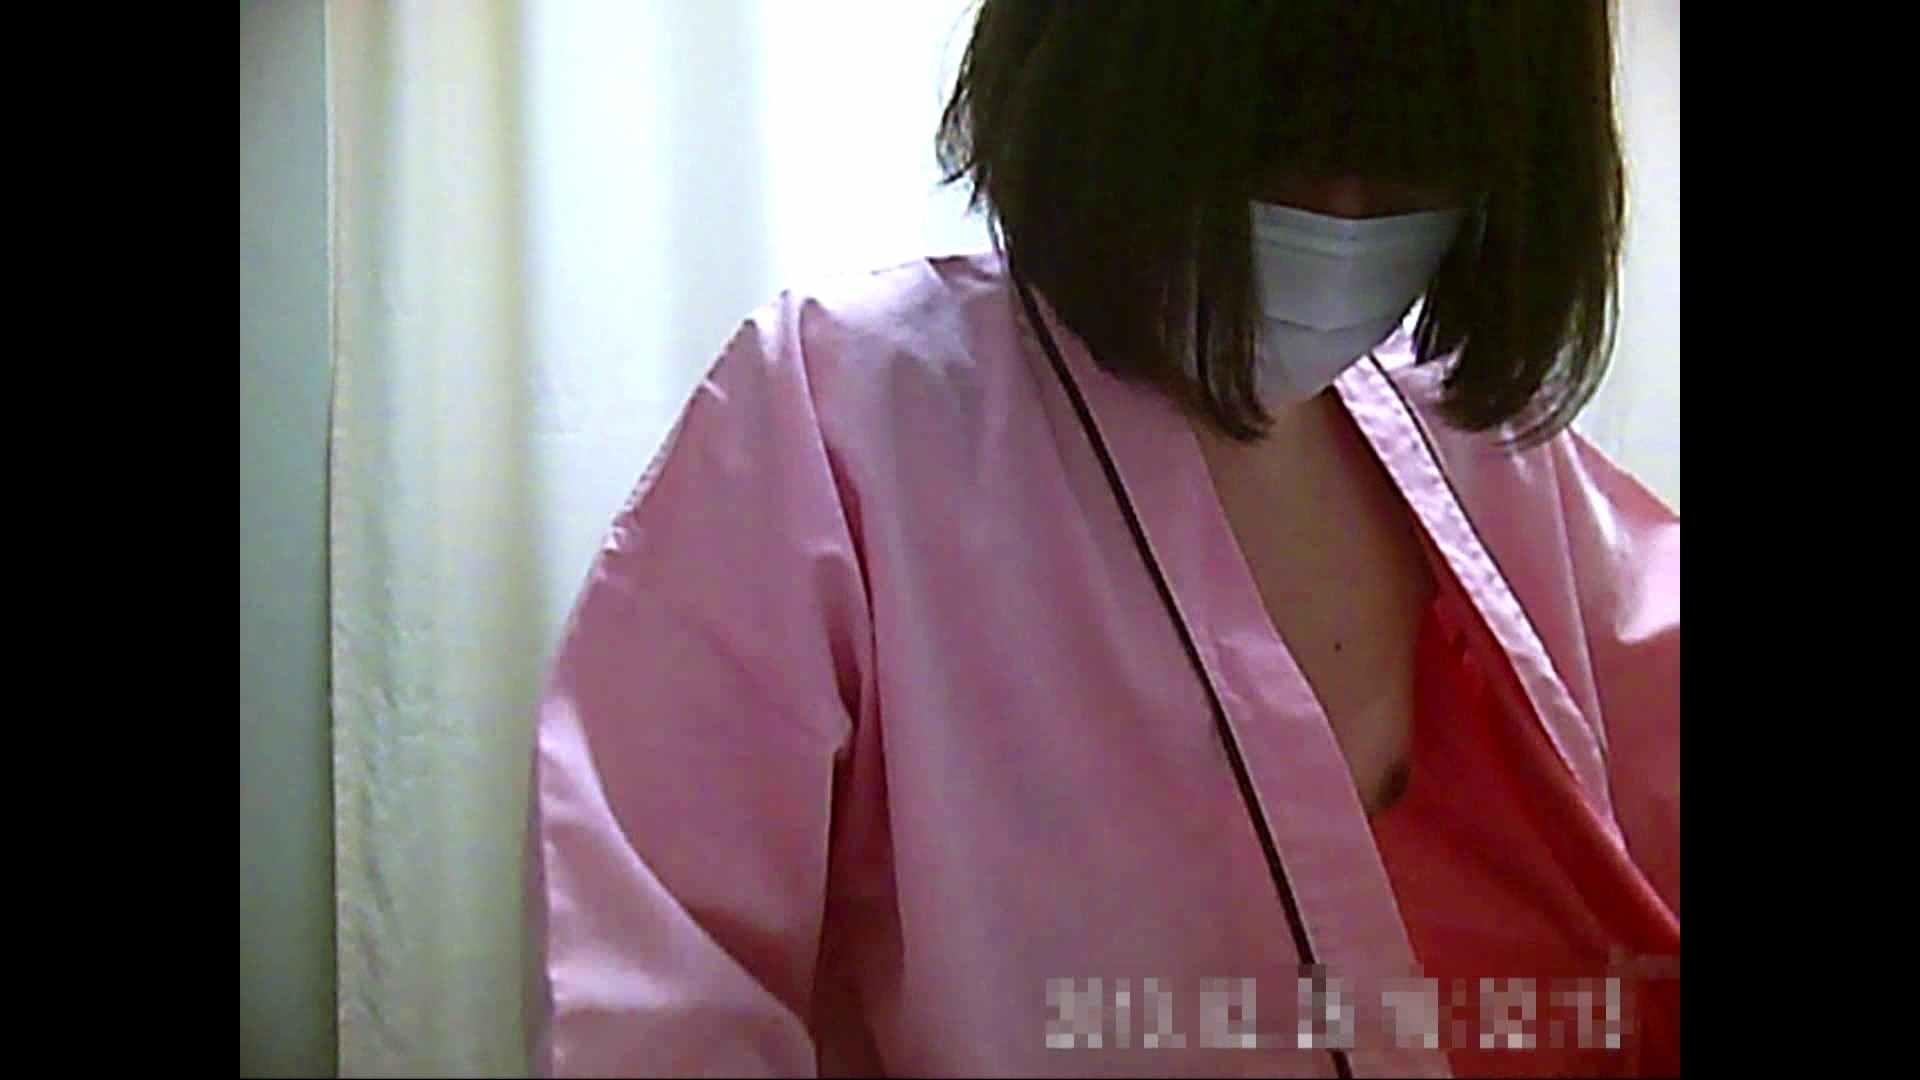 病院おもいっきり着替え! vol.191 OLの実態 盗撮セックス無修正動画無料 101pic 51